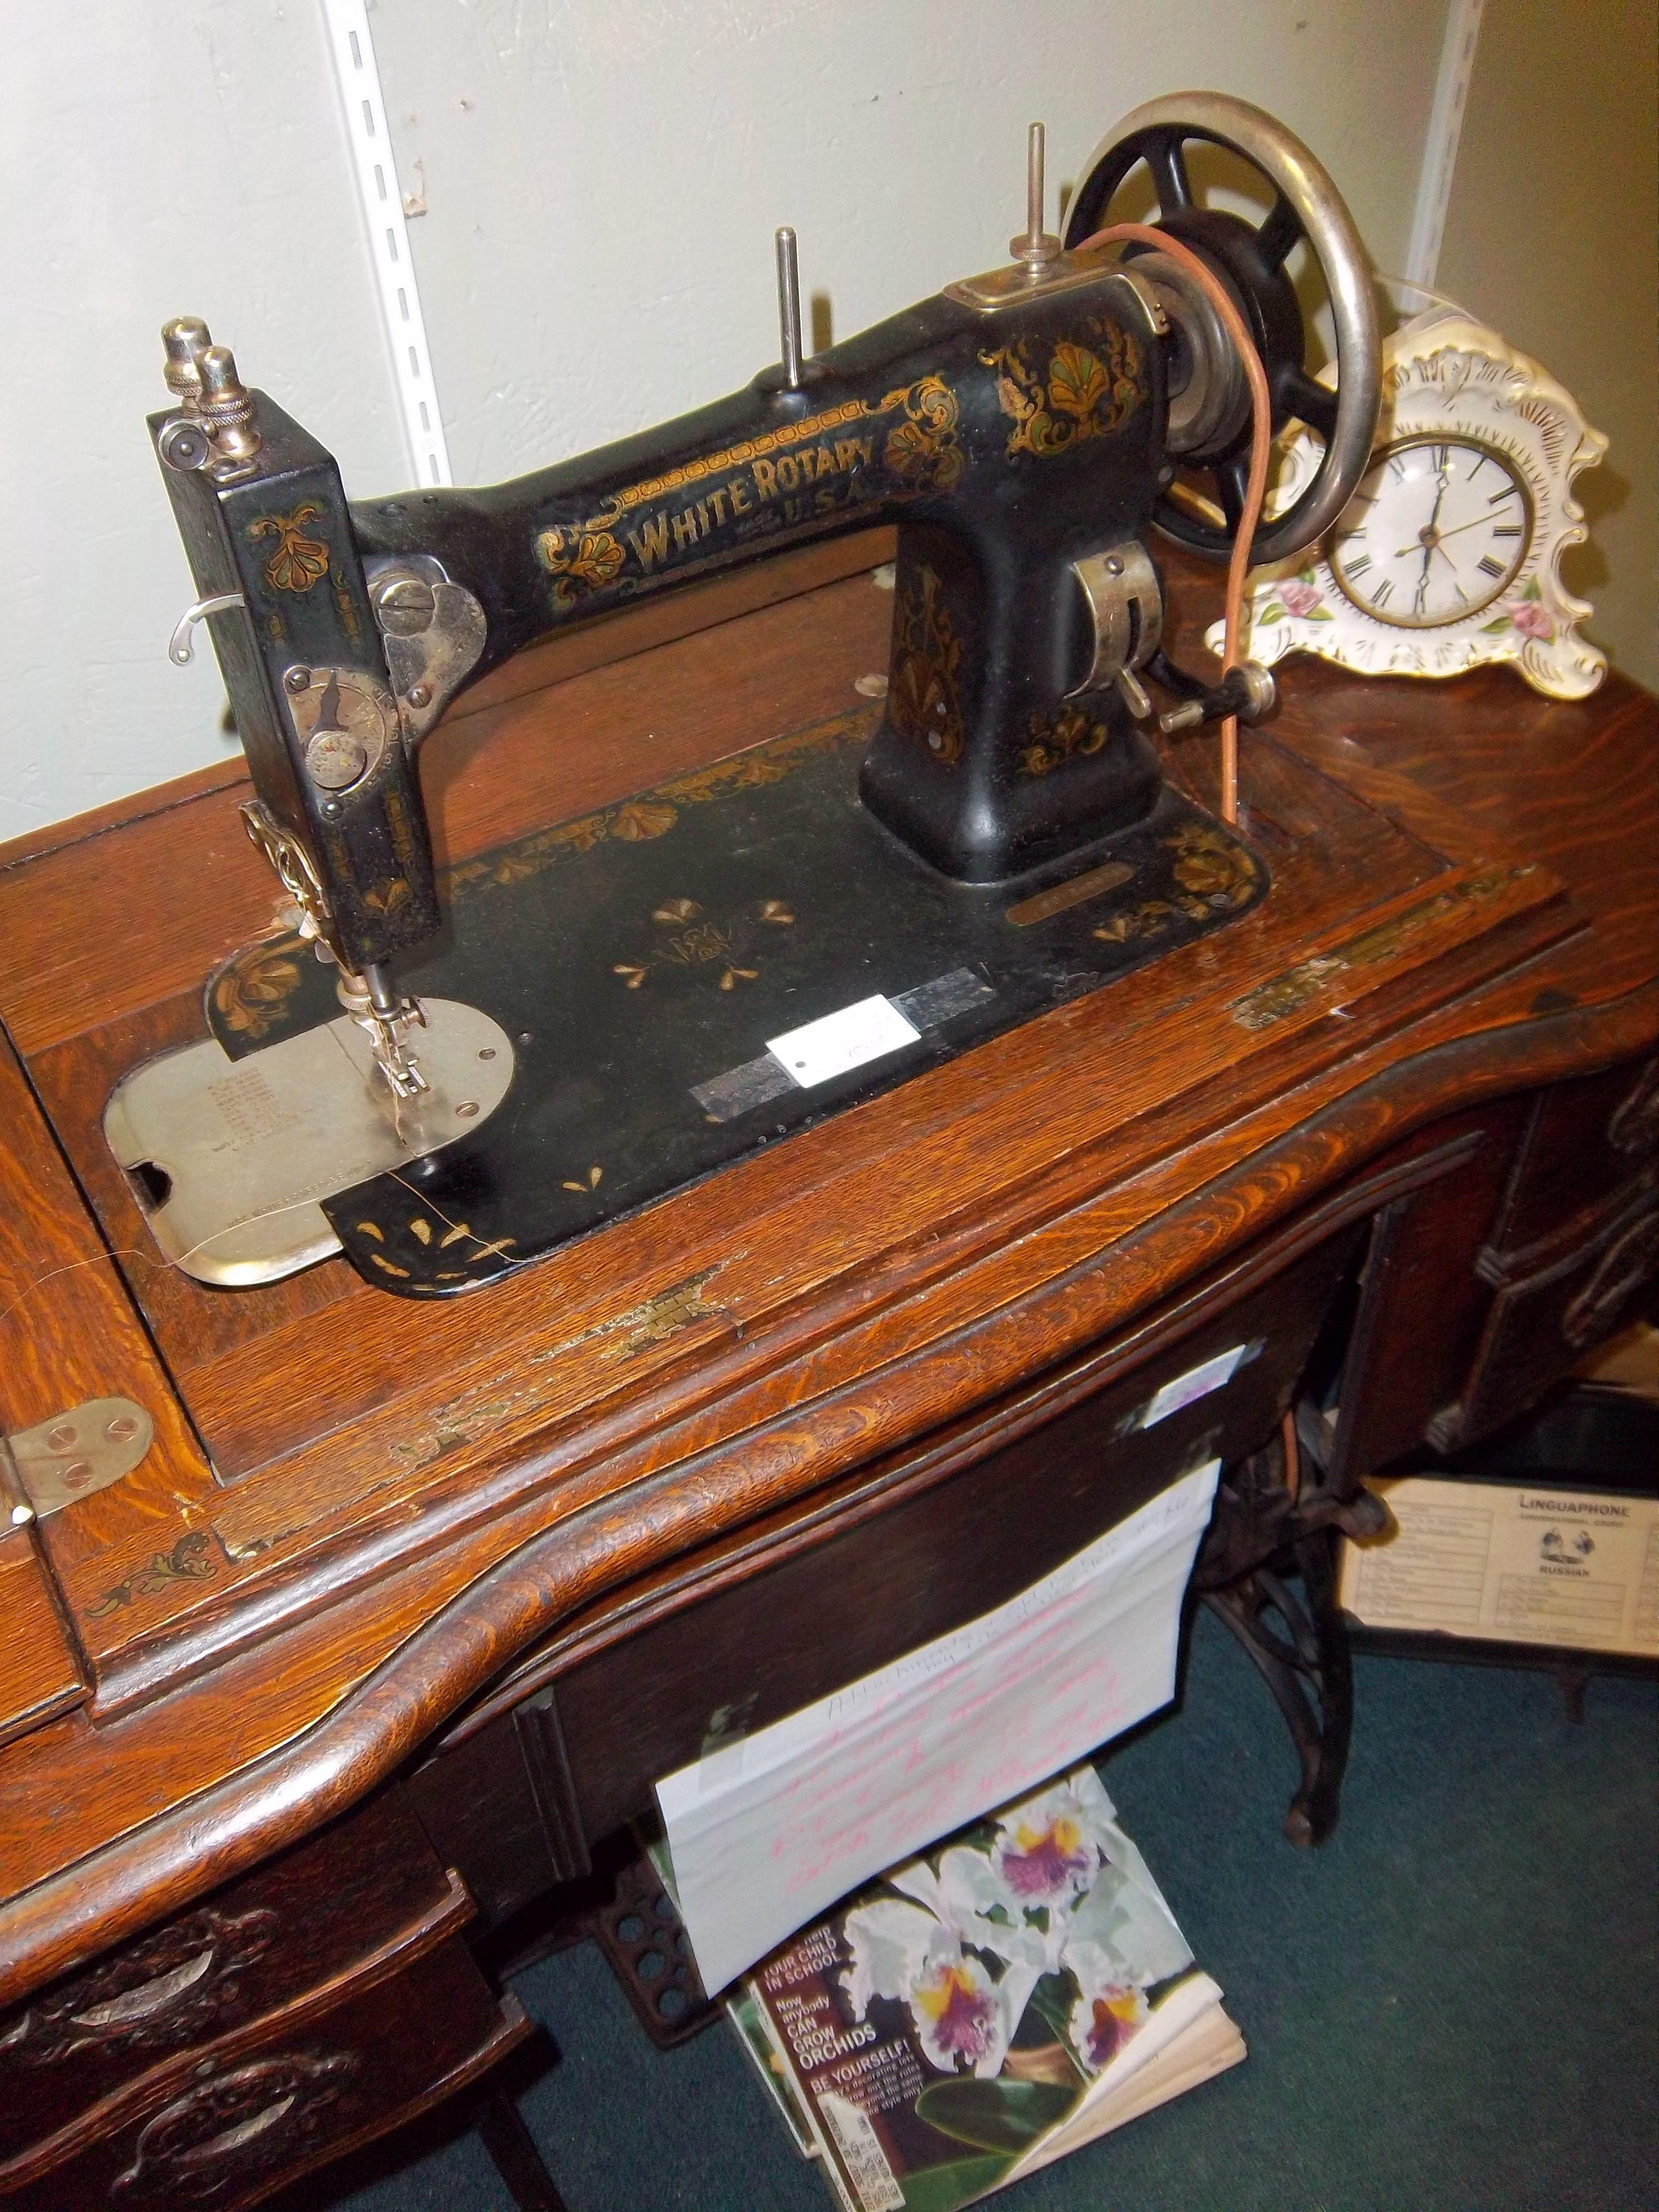 Rotary Sewing Machine : rotary, sewing, machine, White, Rotary, Sewing, Machine, Great, Condition!, Would, Projects…, Machine,